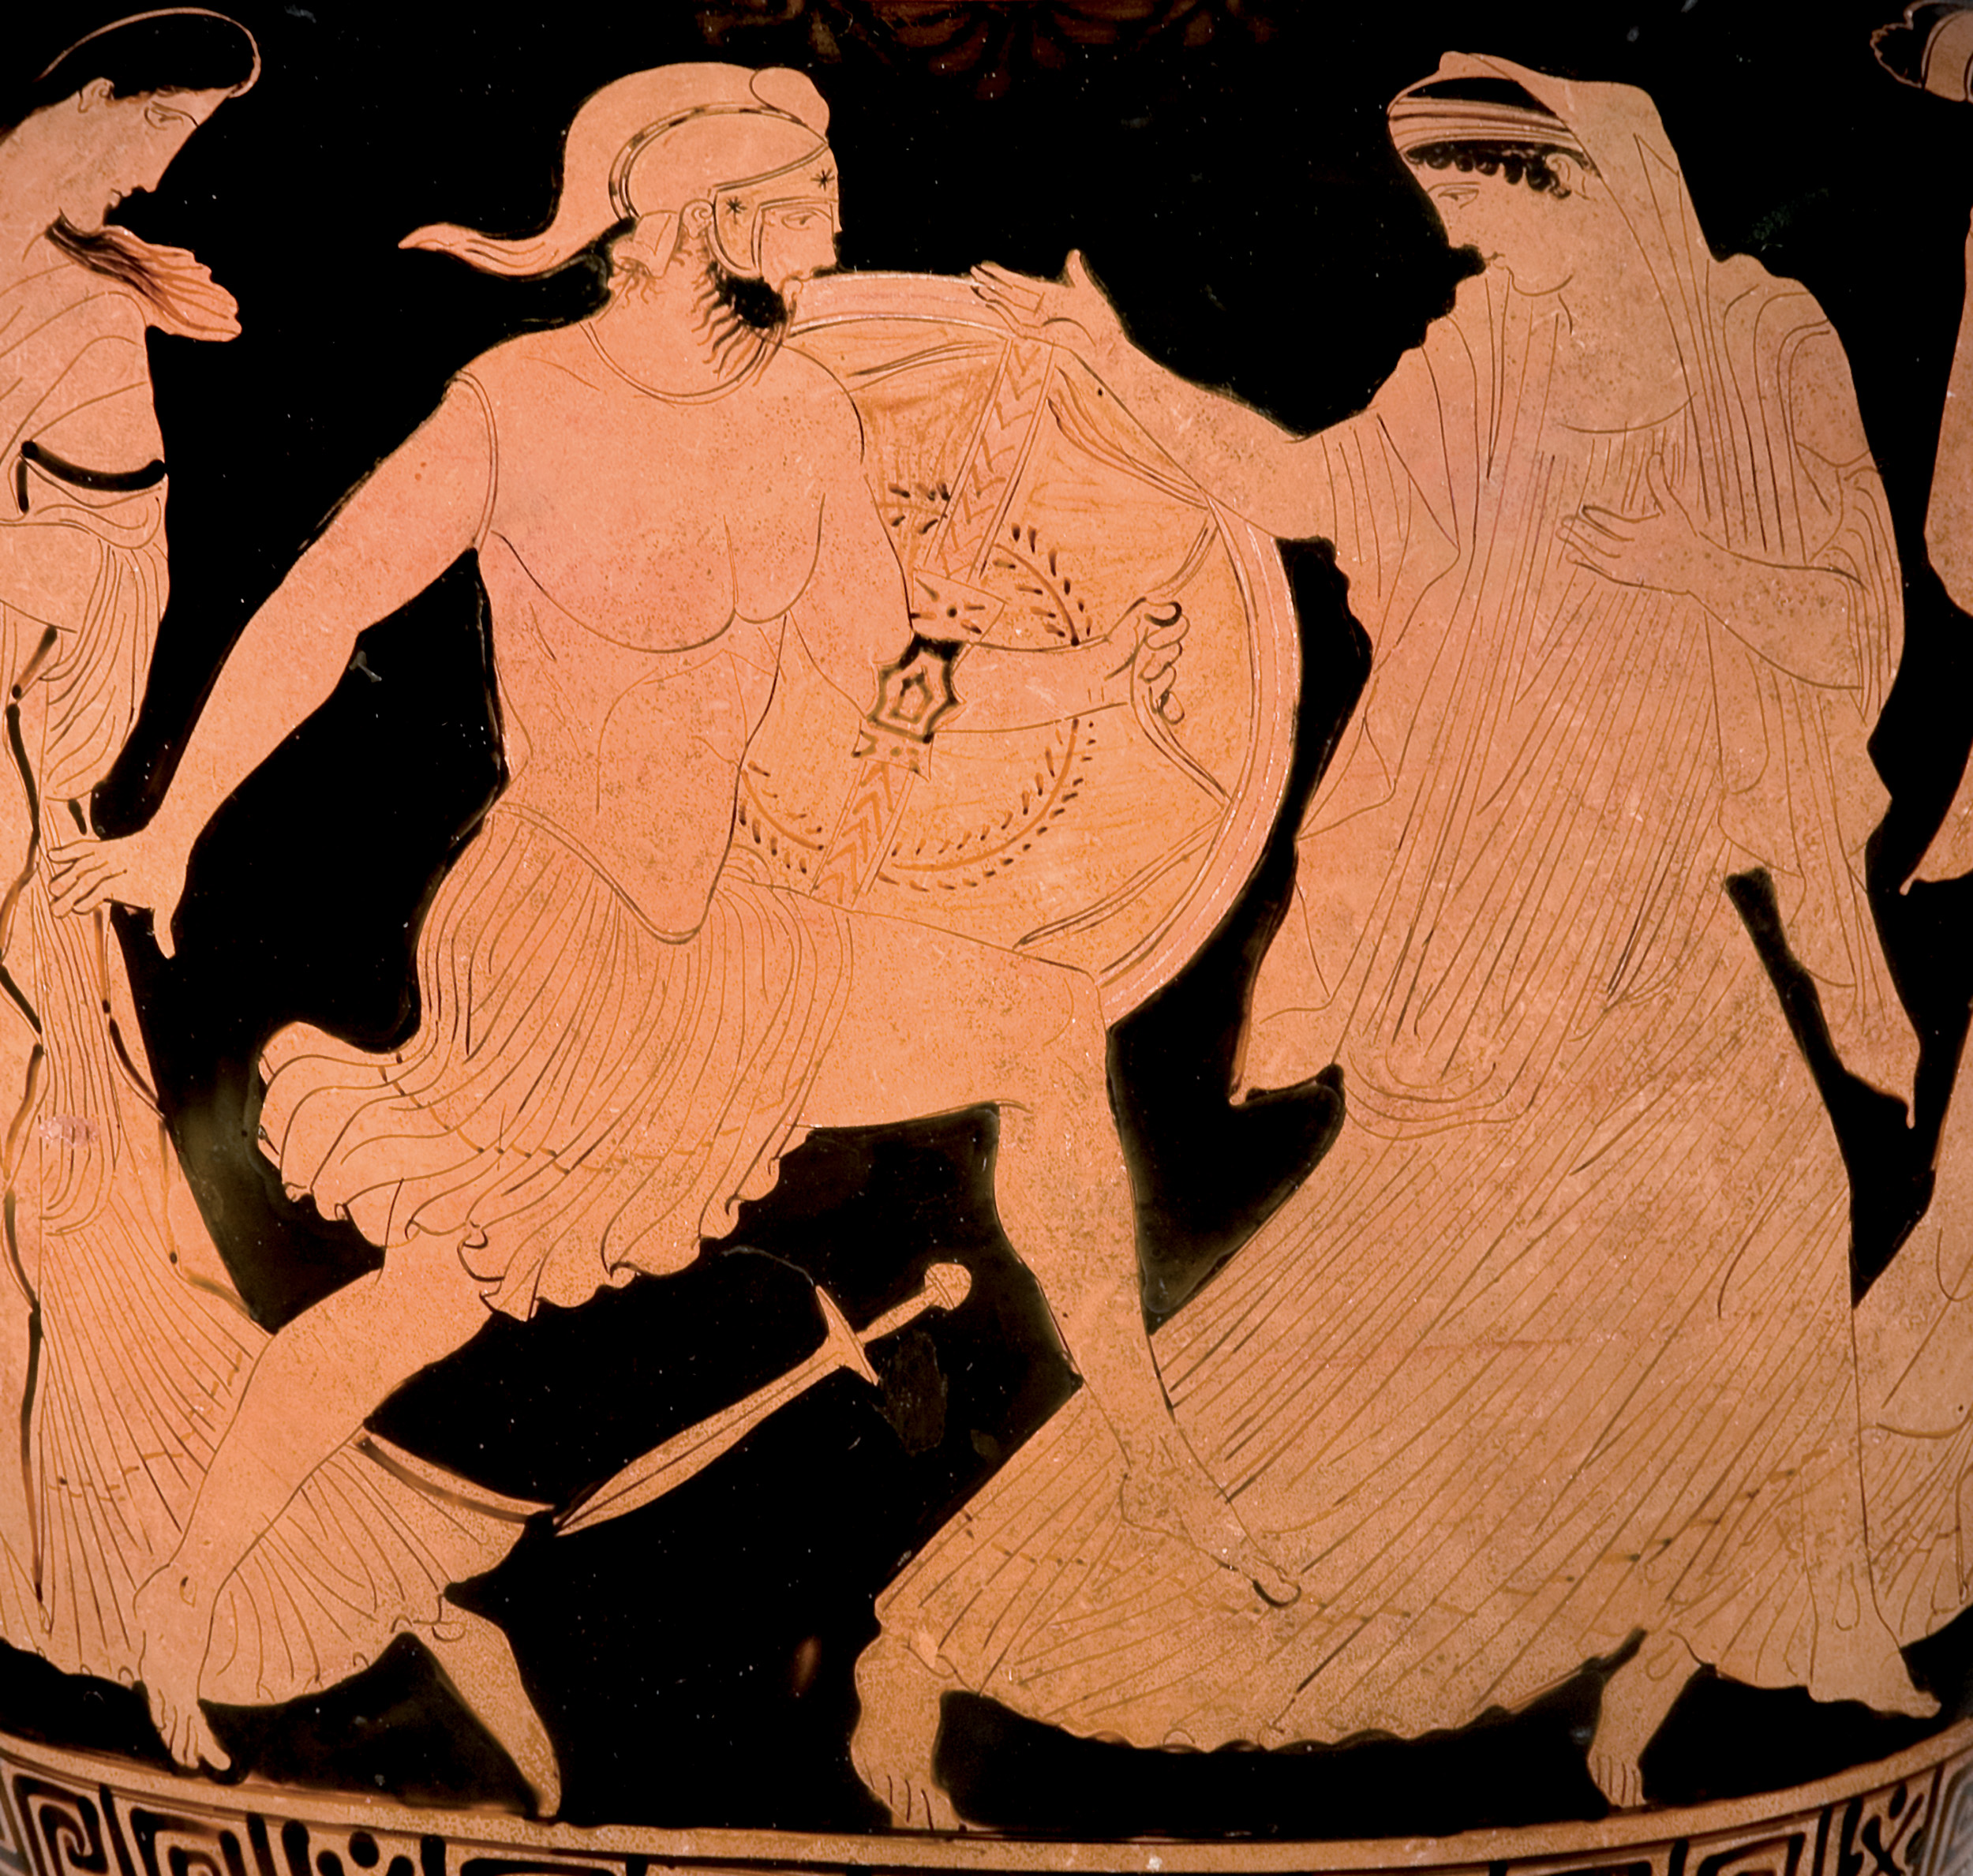 Ερυθρόμορφος αμφορέας με λαιμό, με παράσταση του Μενέλαου και της Ελένης περ. 430–420 π.Χ. Αποδίδεται στον Ζωγράφο του Κλεοφώντος Αττική Βασιλεία, Antikenmuseum Basel und Sammlung Ludwig